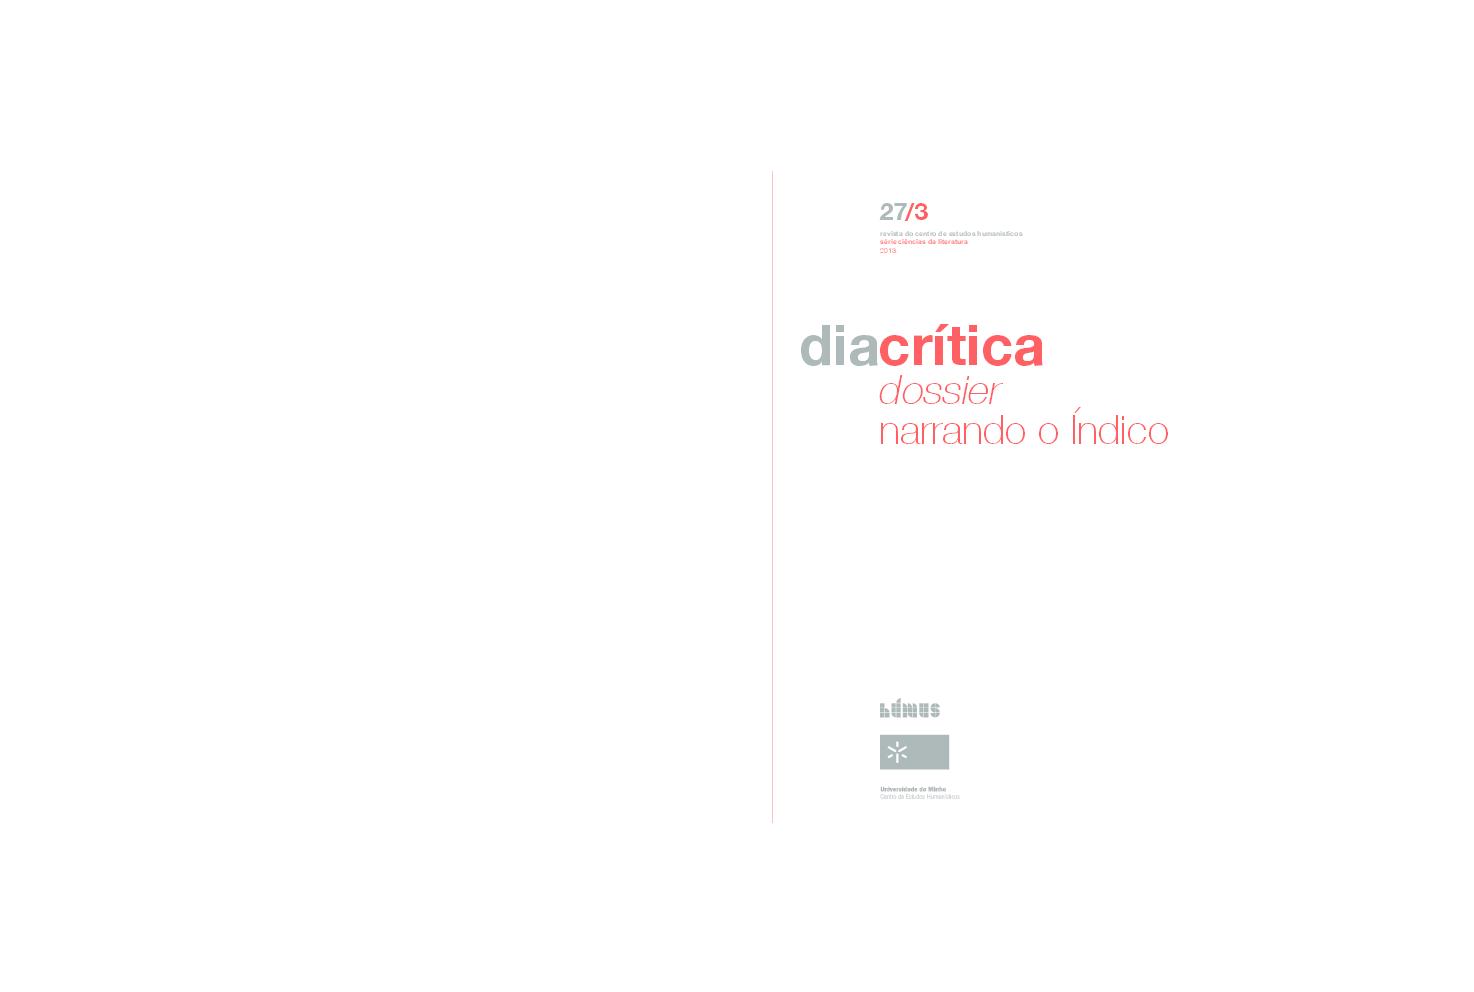 DIACRÍTICA - Dossier Narrando o Índico  85cbdd31f5960